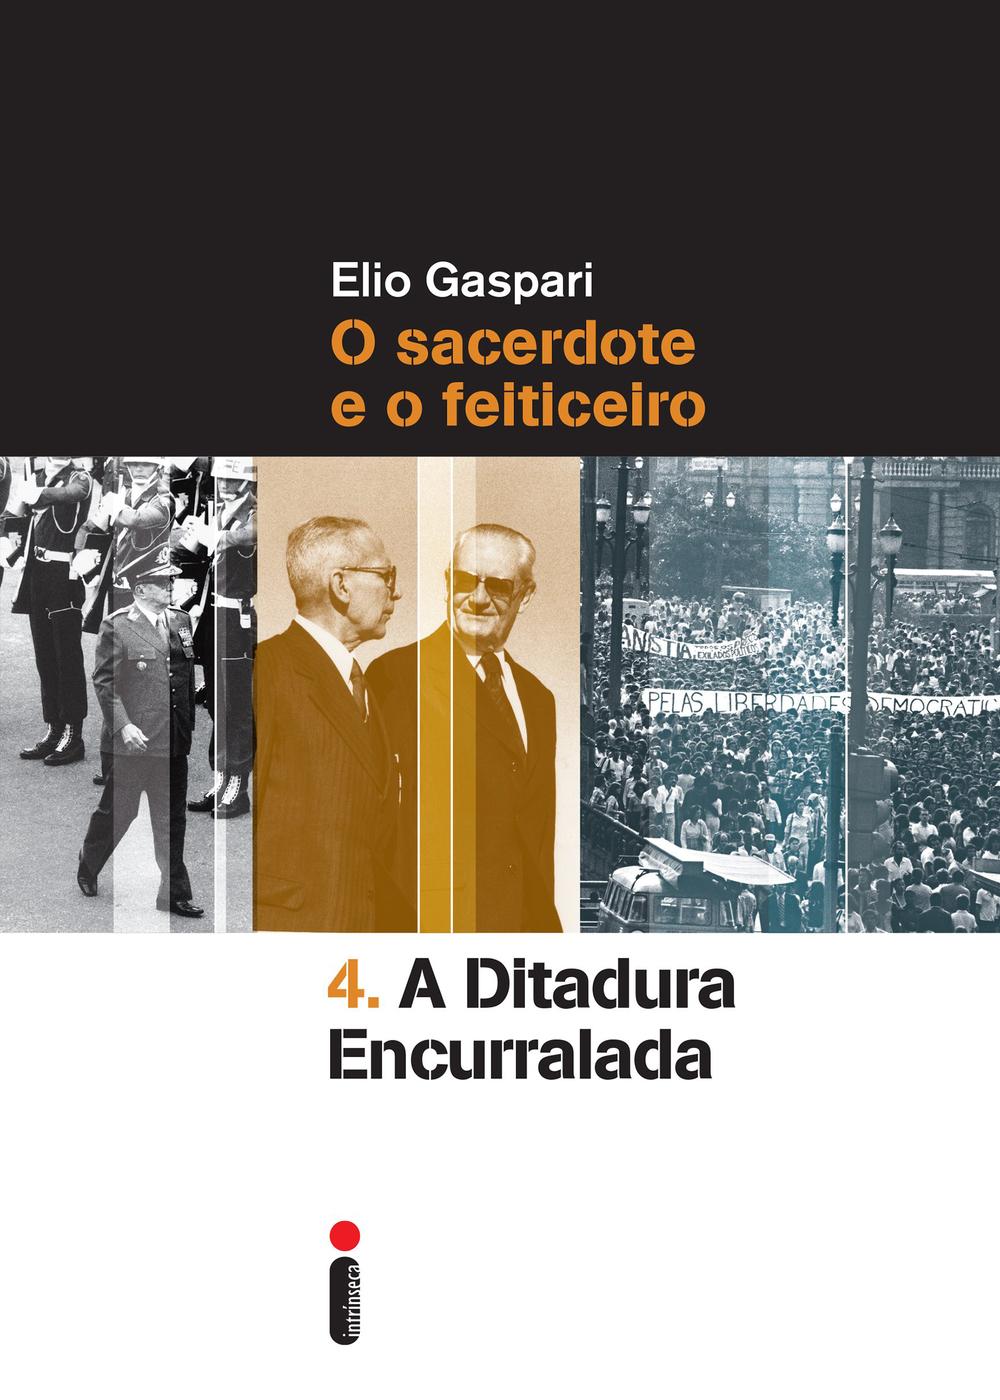 Gaspari, Elio - Ditadura Encurralada.jpg